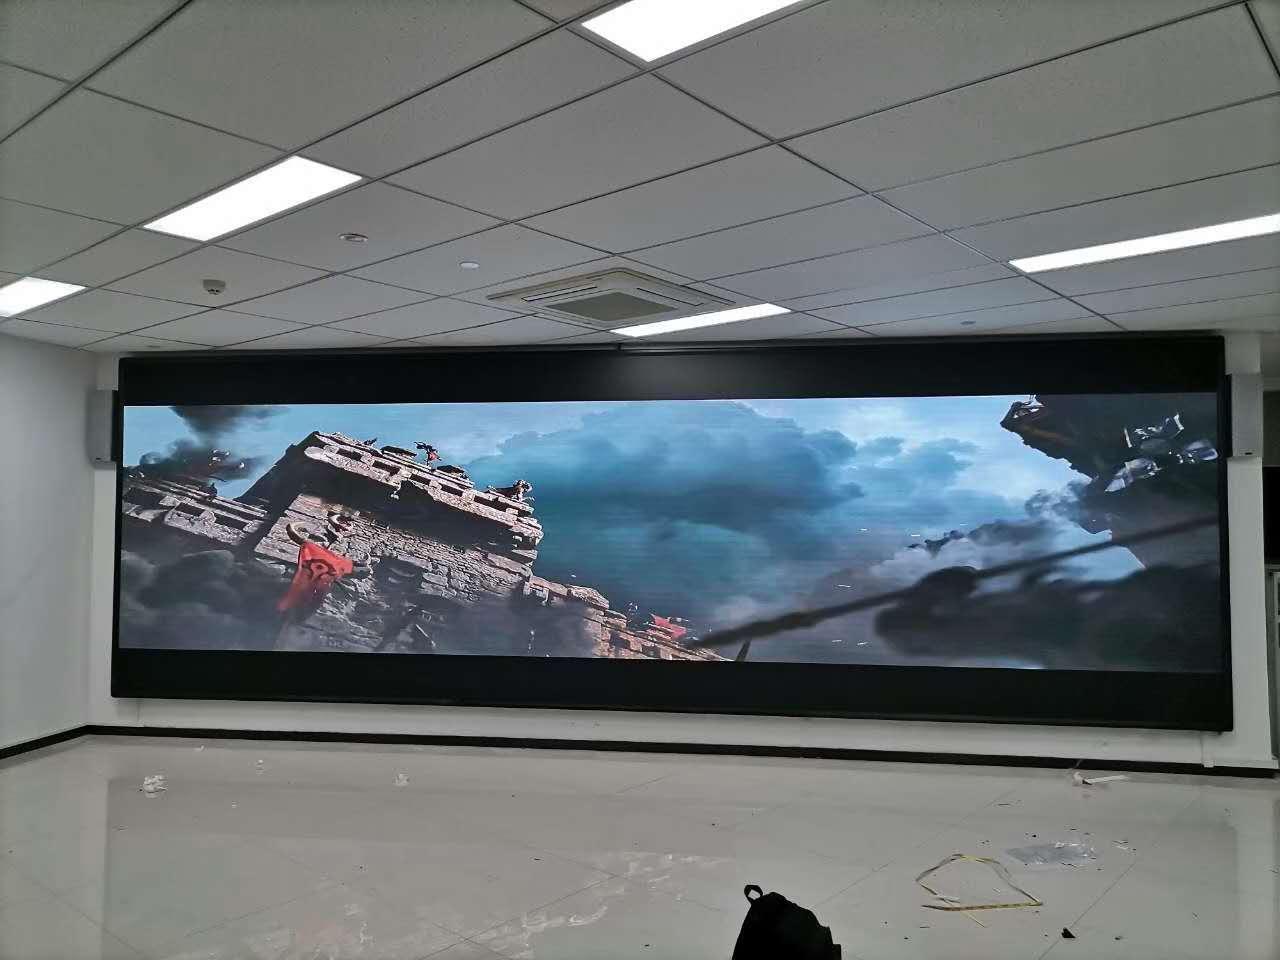 银行室内会议室超高清小间距led全彩显示屏案例